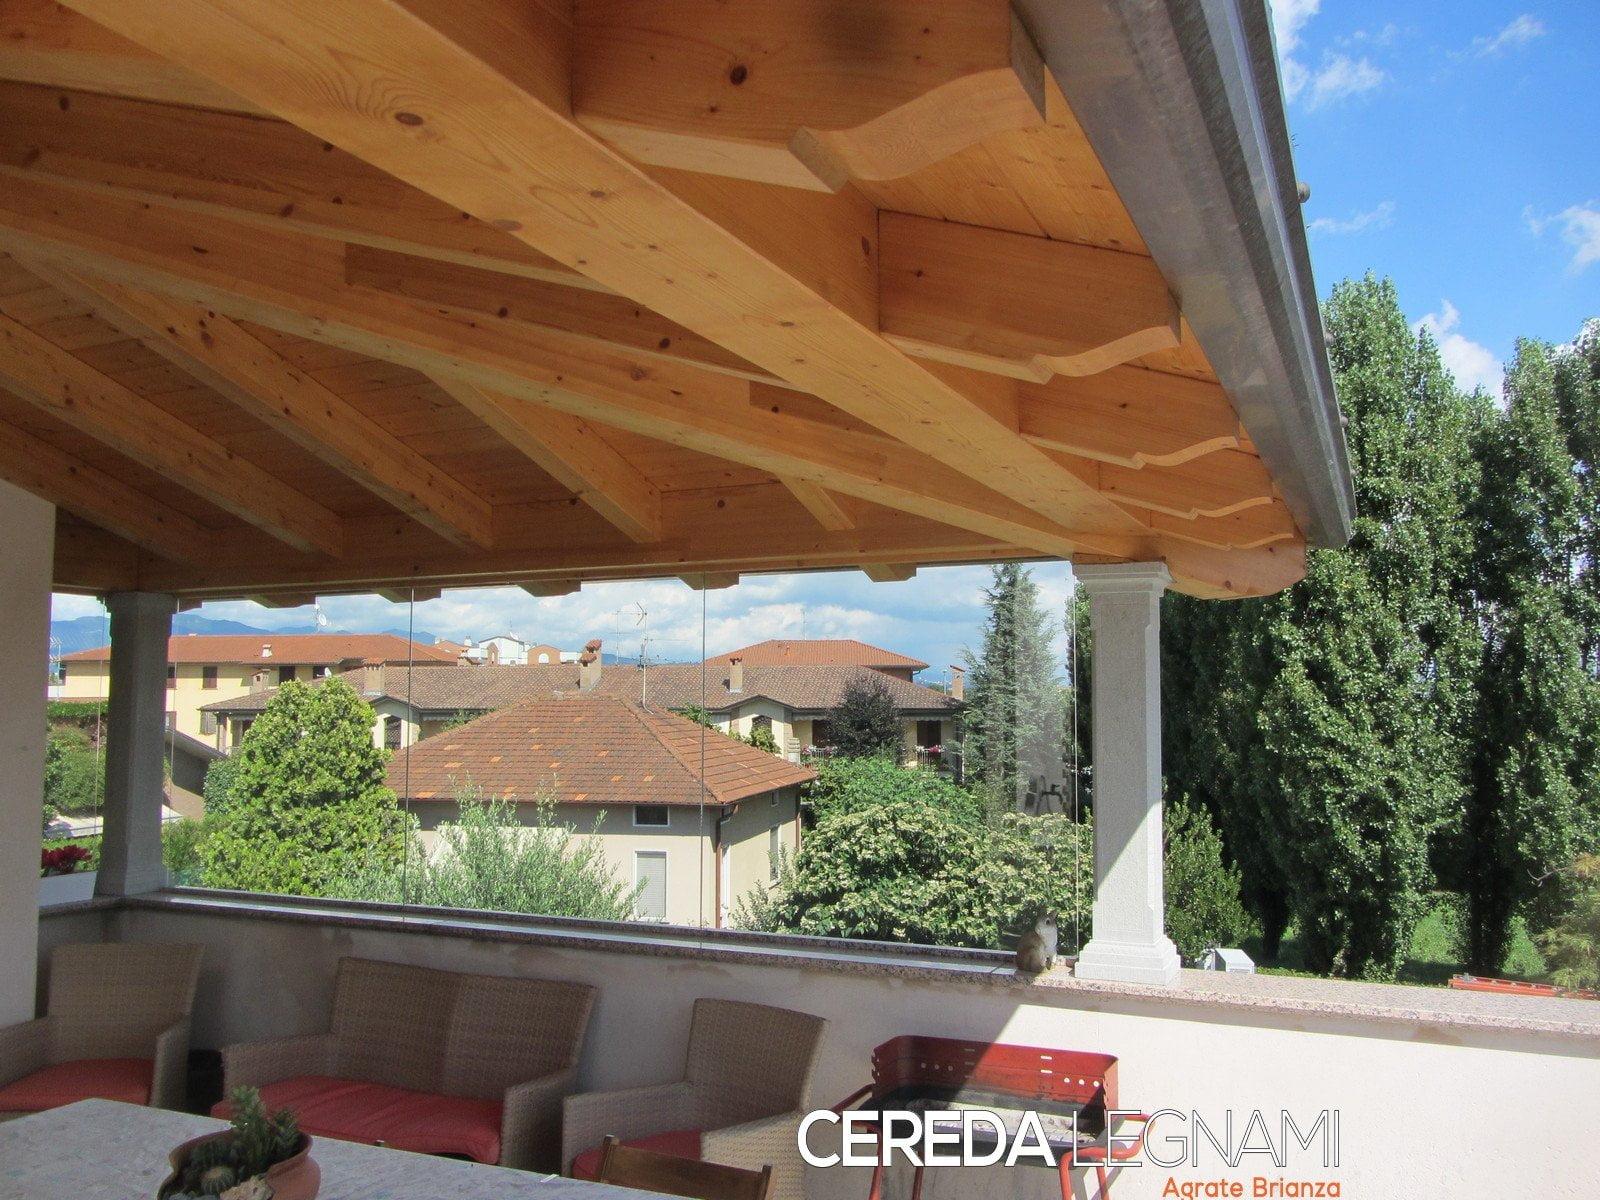 tettoie di legno - Cereda Legnami Agrate Brianza